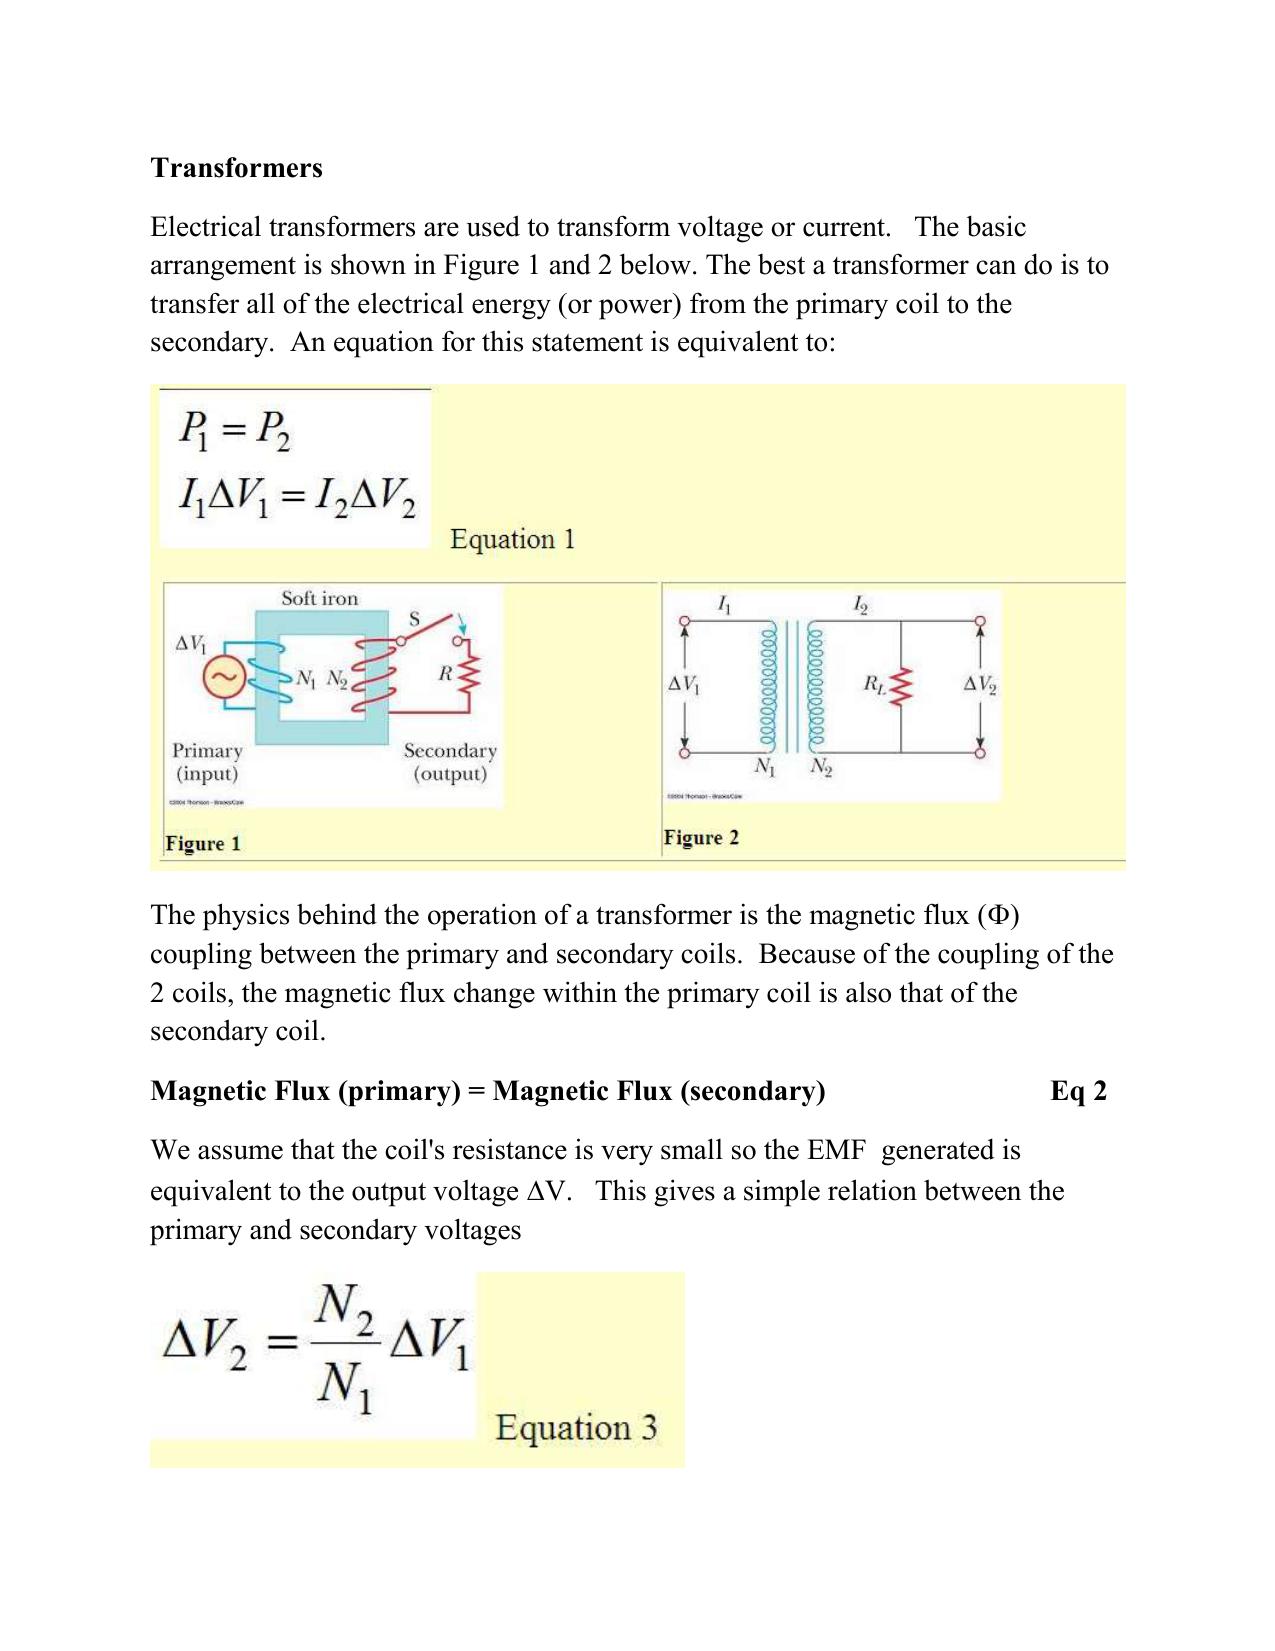 N, N+1, N+2, 2N, 2N+1, 2N+2, 3N/2 Redundancy Explained